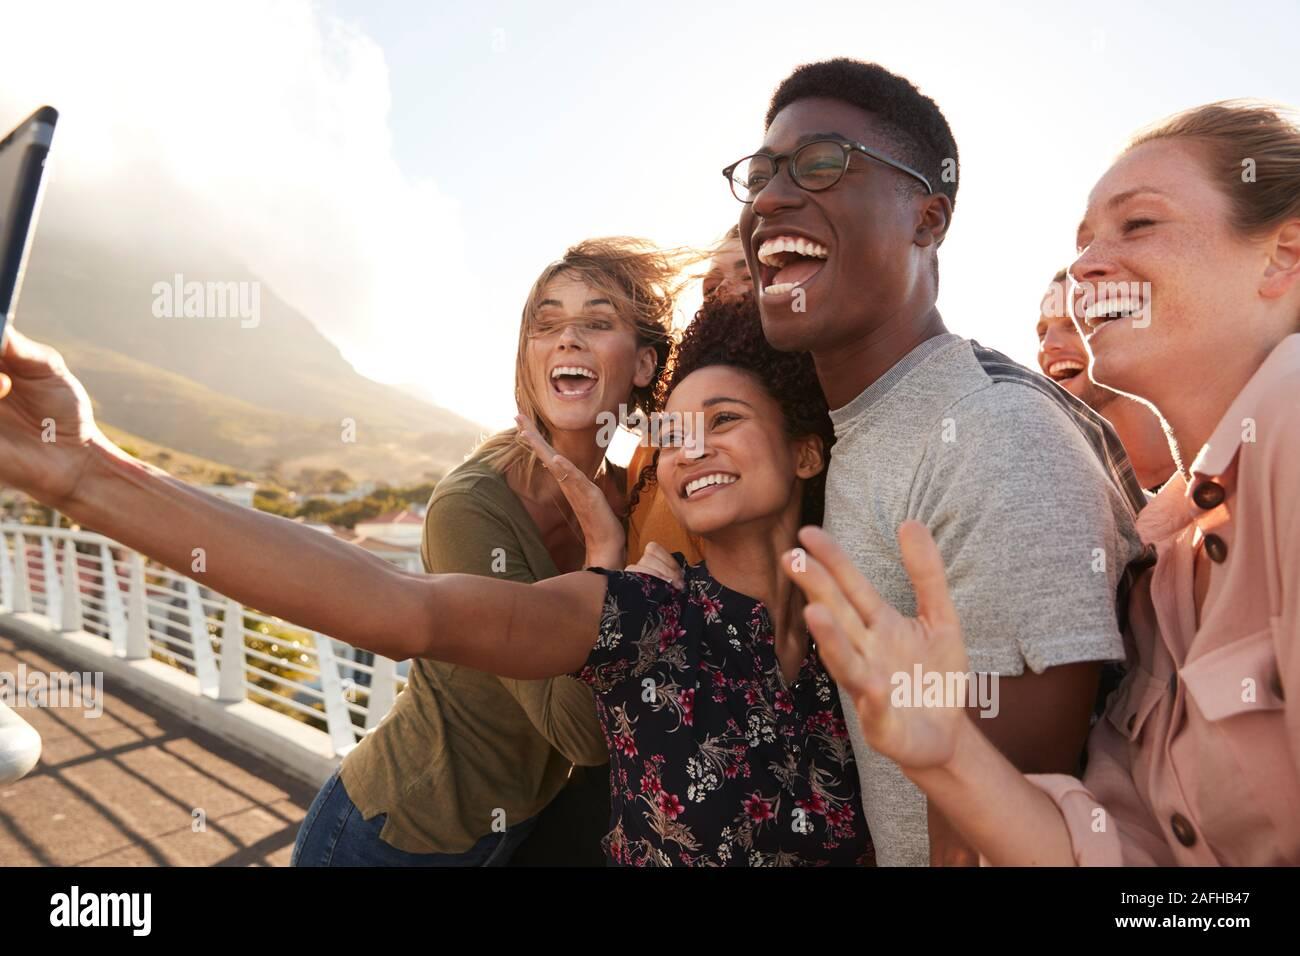 Lächelnden jungen Freunde Posieren für Selfie auf Outdoor Steg zusammen Stockfoto